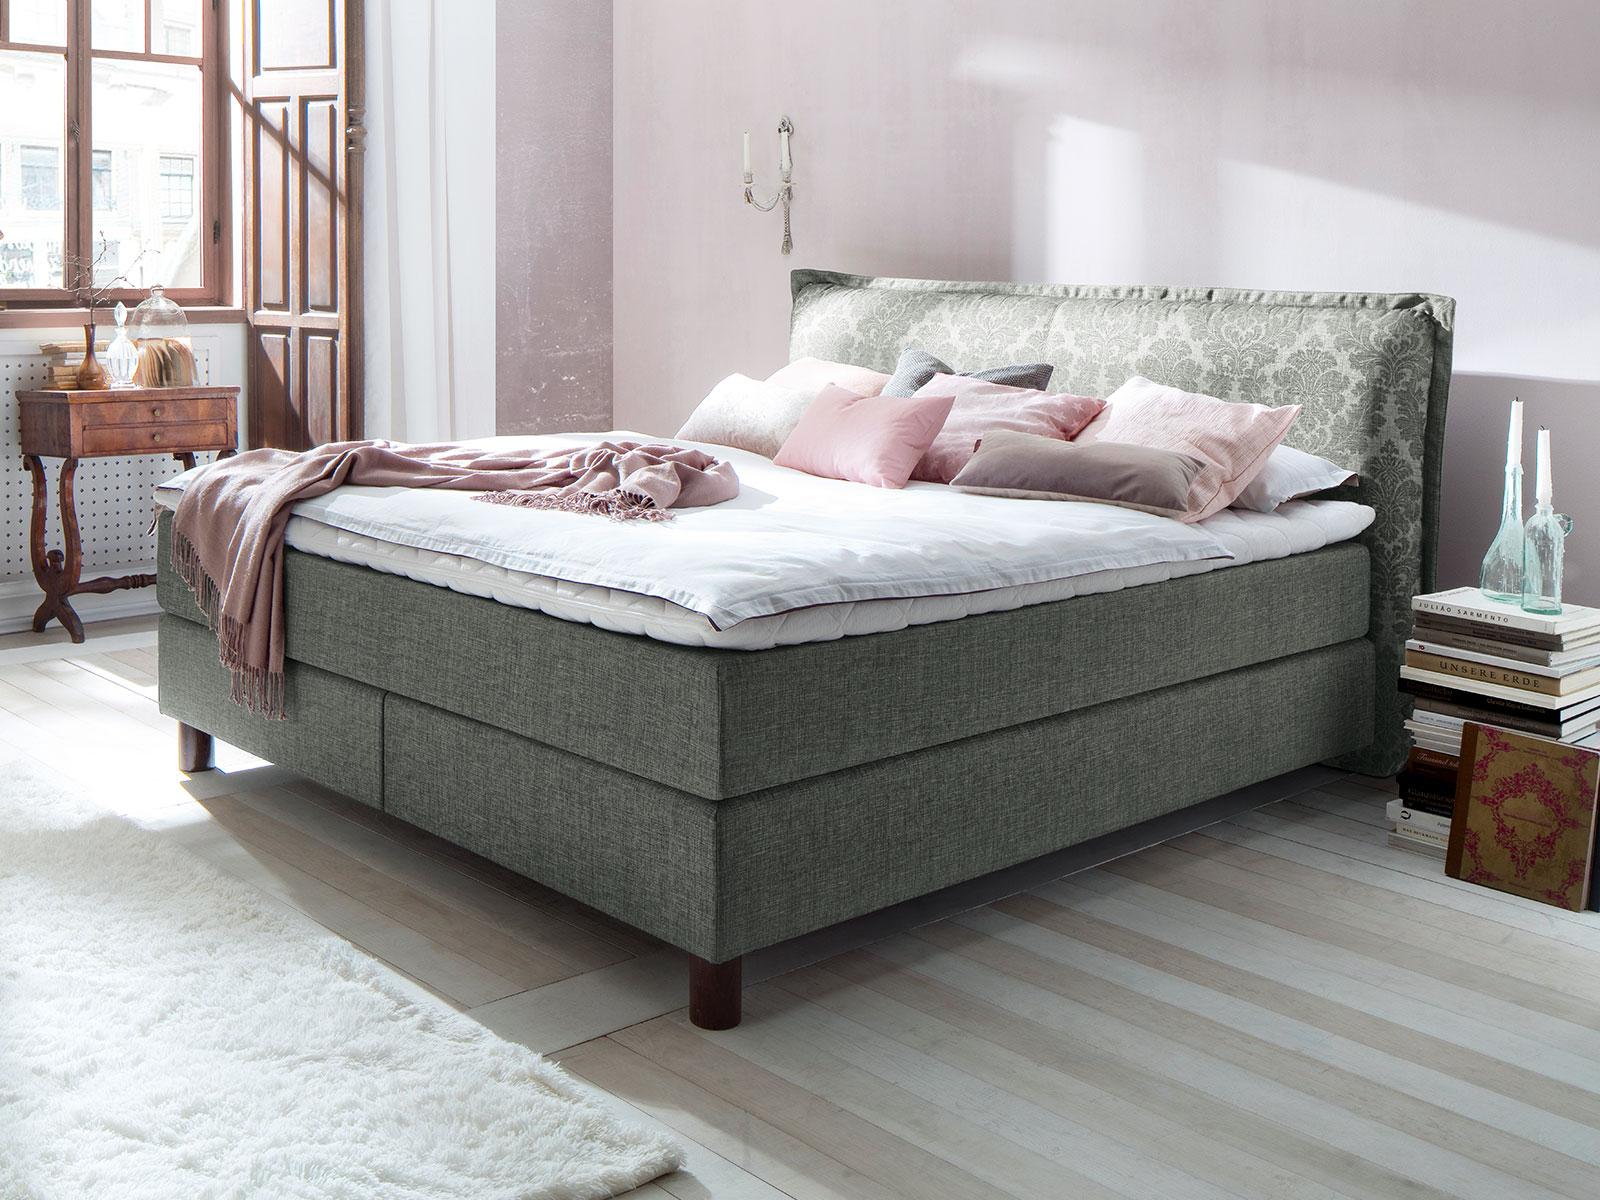 romantisches boxspringbett im französischen landhausstil - satun, Schlafzimmer entwurf